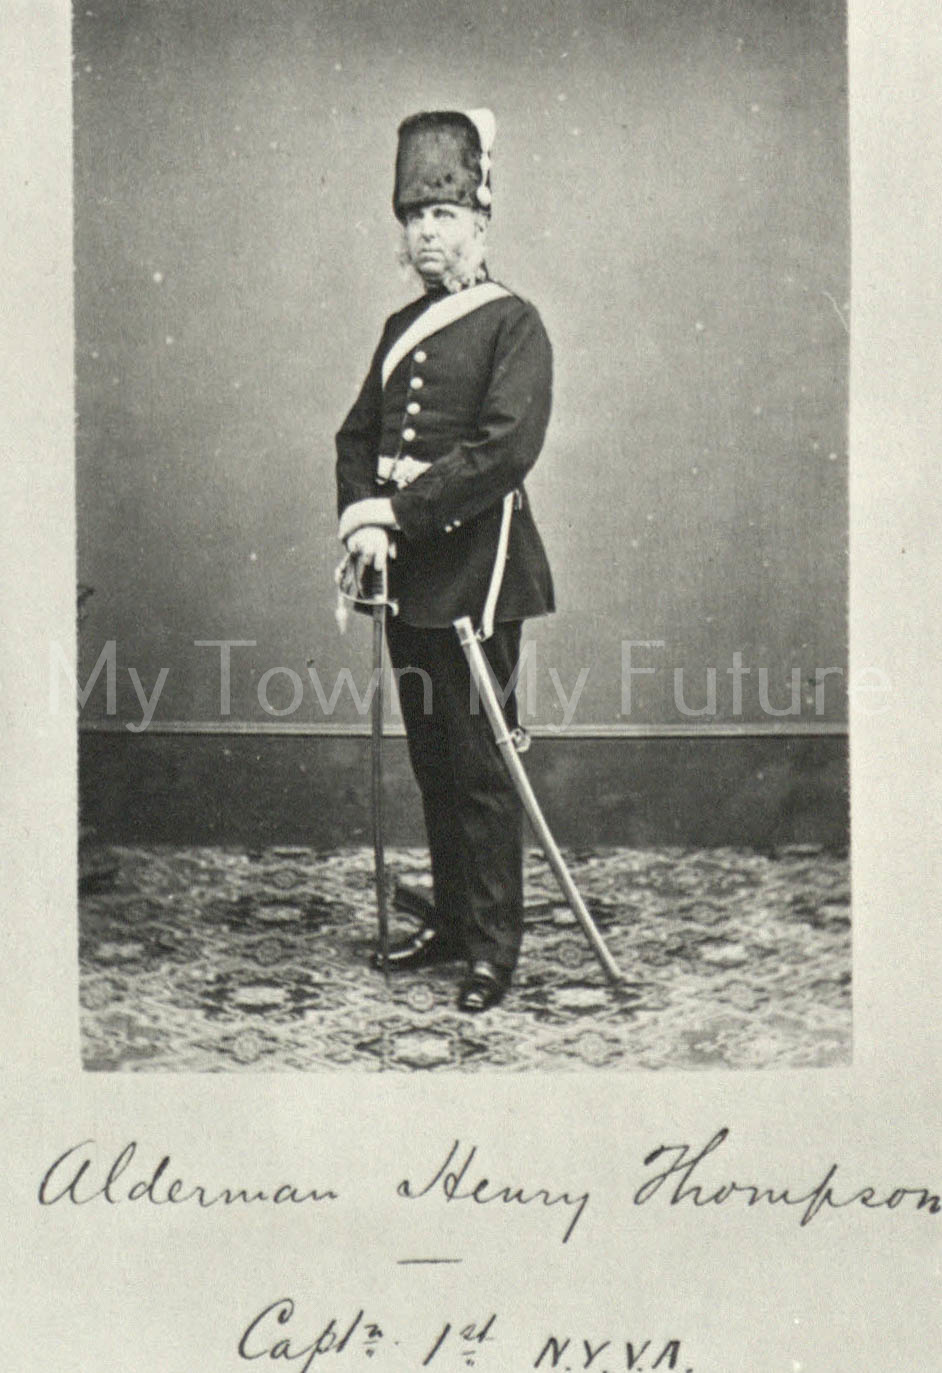 Alderman Henry Thompson